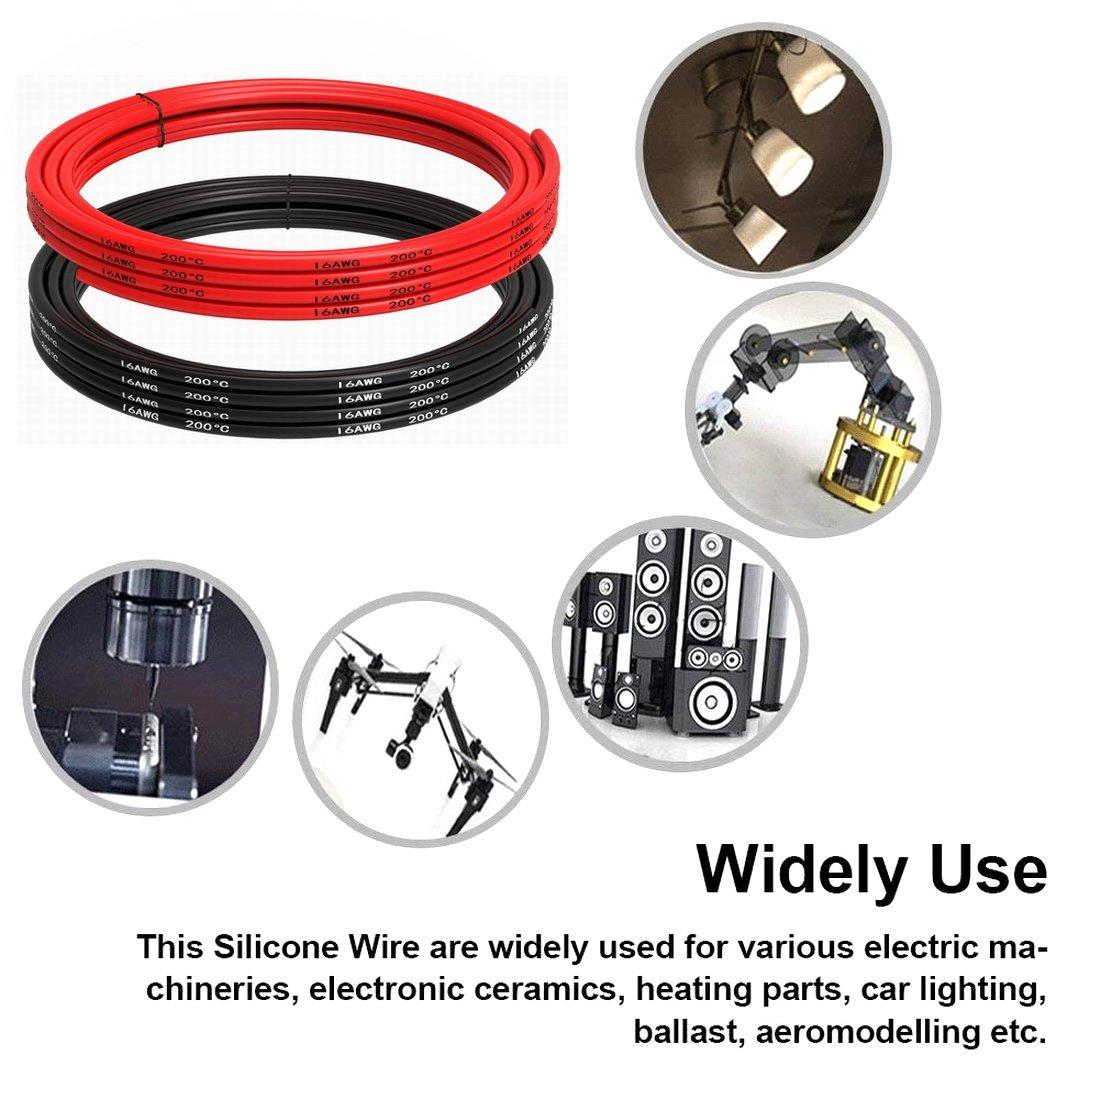 1,5 m noir et 1,5 m rouge Fil de silicone 8 AWG -1650 brins de fil de cuivre /étam/é c/âble de batterie /à souder rapidement TUOFENG Fil /électrique de calibre 8